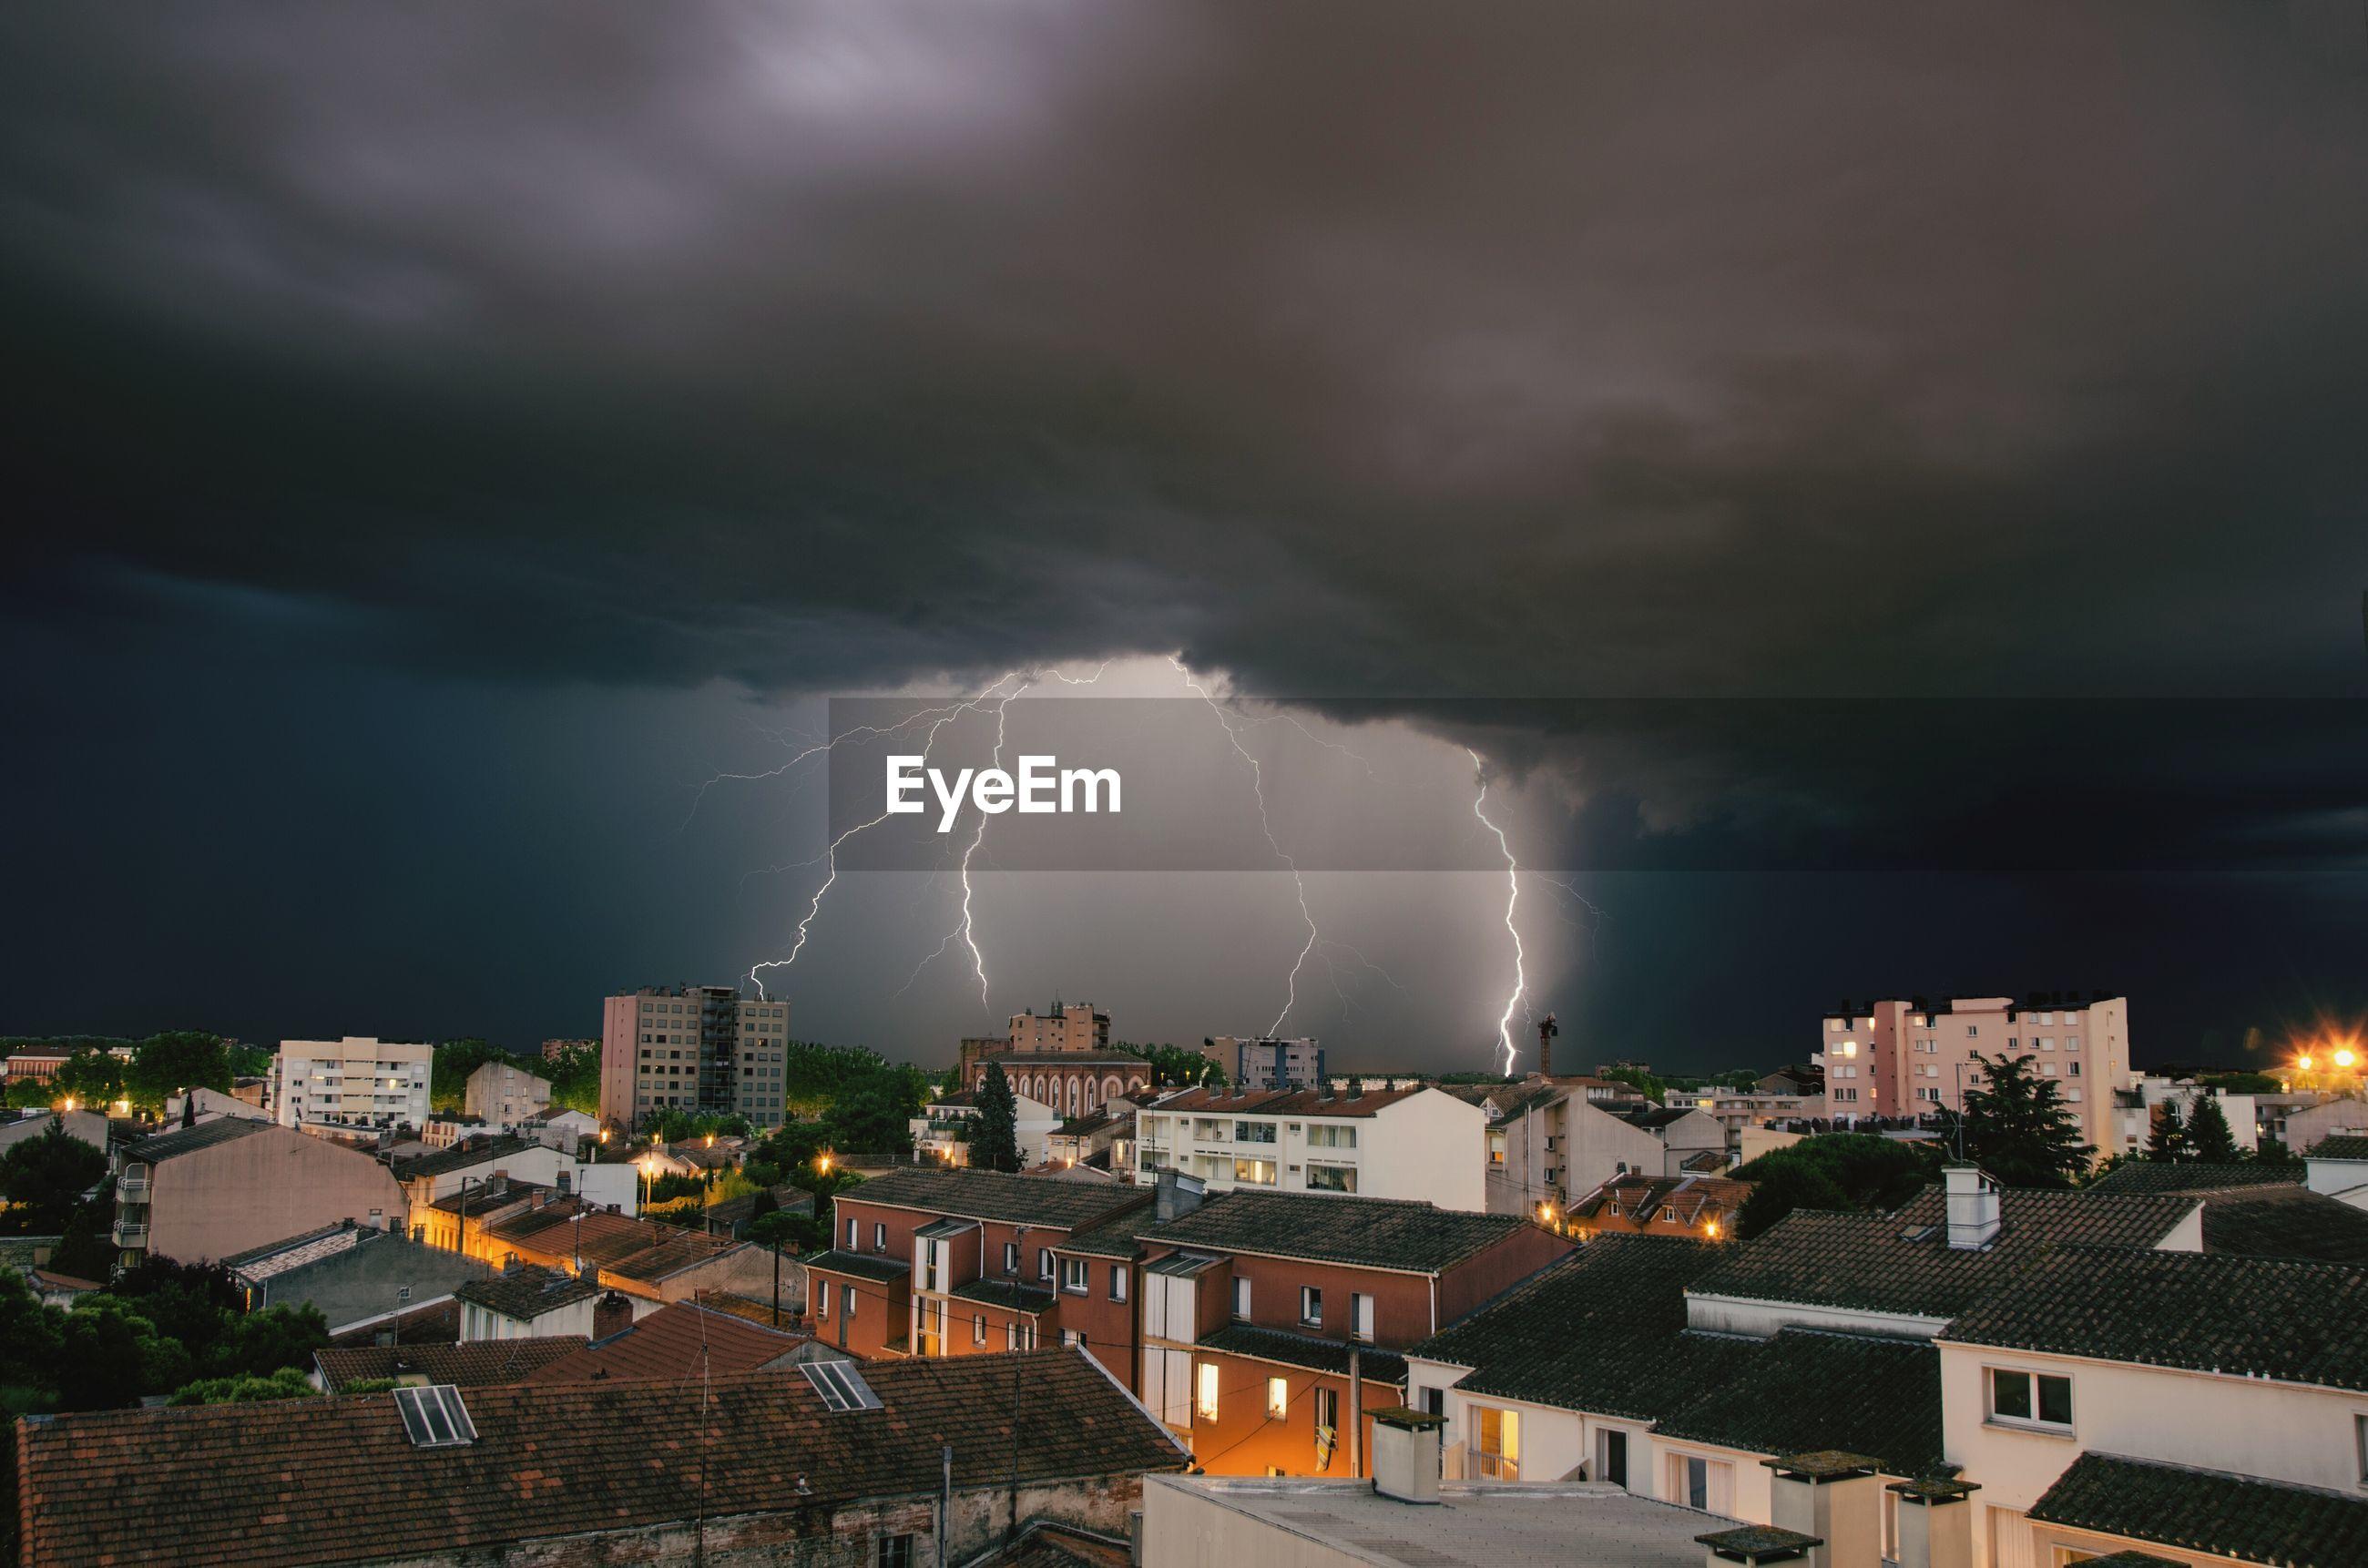 Lightning strike above built structures